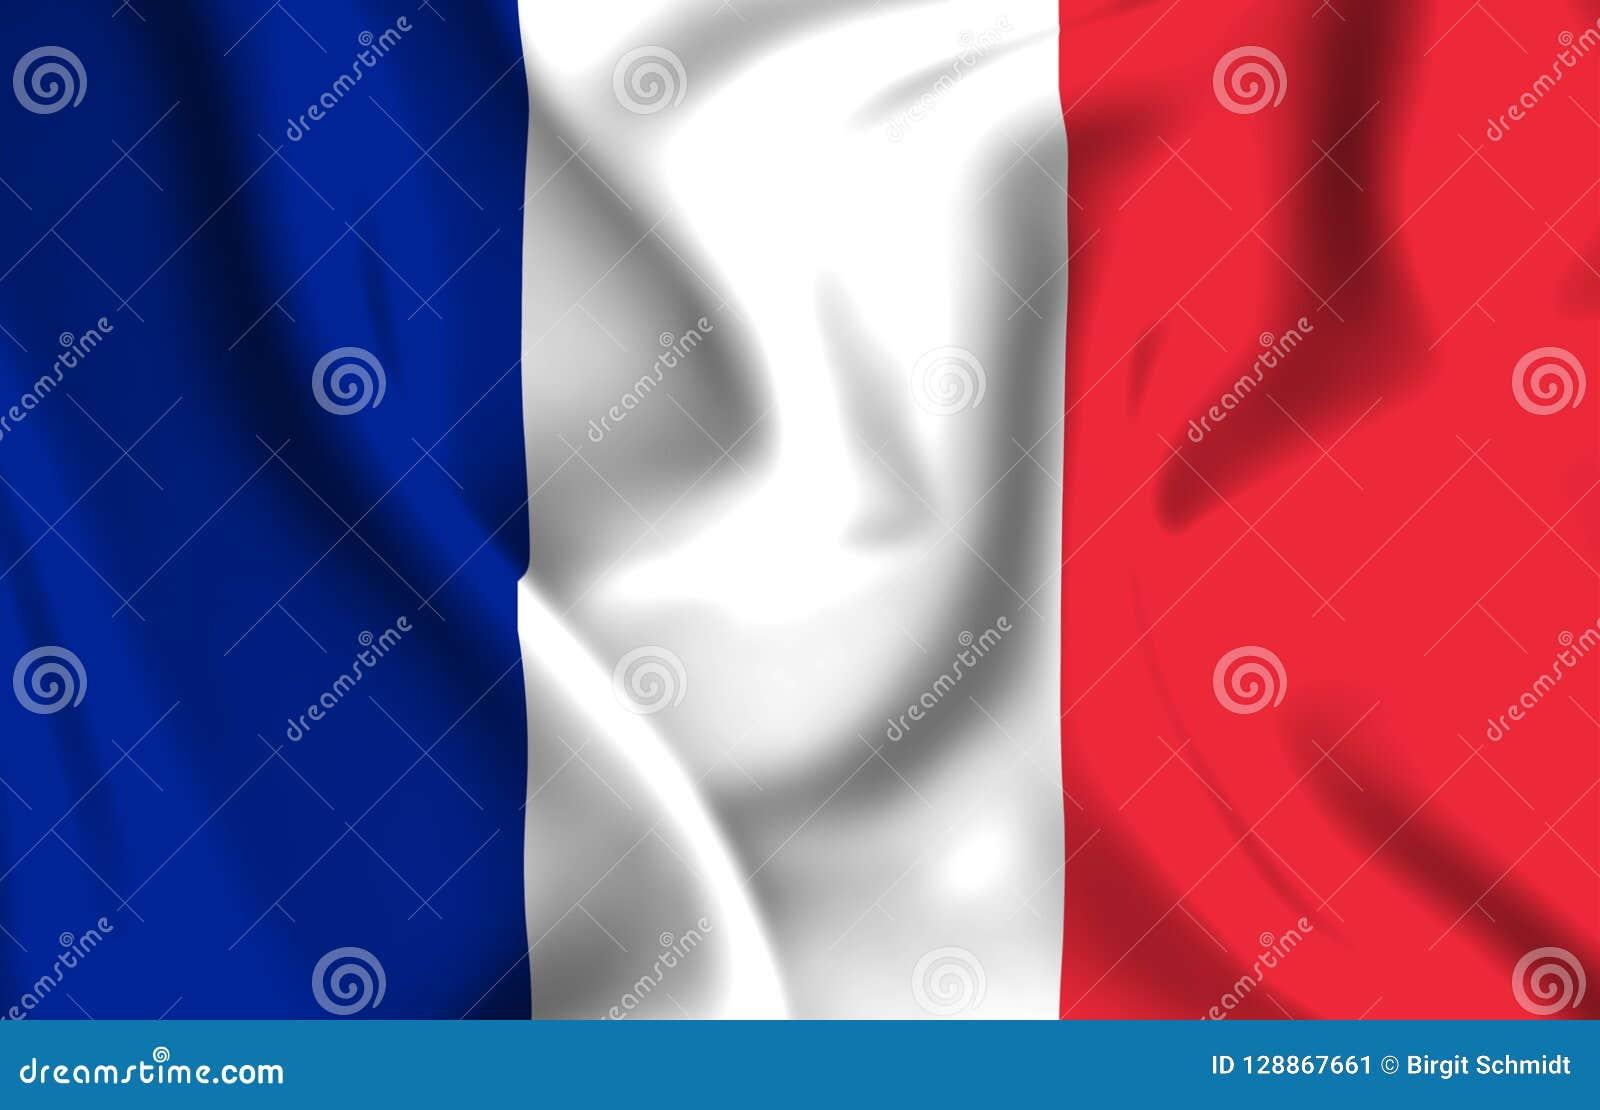 Απεικόνιση σημαιών της Γαλλίας